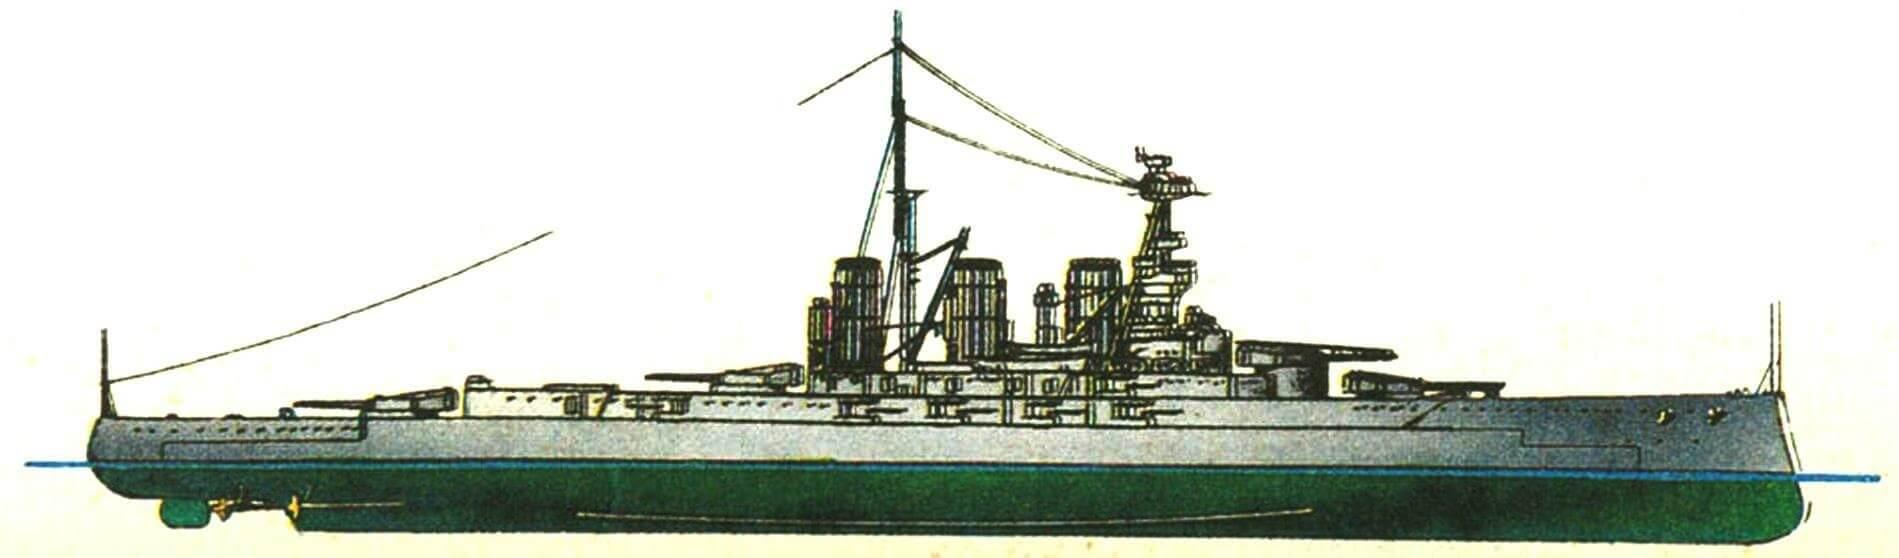 178. Линейный крейсер «Тайгер», Англия, 1914 г. Заложен в 1912 г., спущен на воду в 1913 г. Водоизмещение: нормальное 28 400 т, полное 34 000 т. Длина наибольшая 214,6 м, ширина 27,6 м, осадка 8,7 м. Четырехвальная турбинная установка мощностью 85 000 л.с., скорость 28,5 уз. Броня: пояс 229—102 мм, траверсы 102 мм, палуба 25—75 мм, башни 229 мм, барбеты 229—76 мм, рубка 254 мм. Вооружение: восемь 343-мм и двенадцать 152-мм орудий, четыре 533-мм торпедных аппарата.